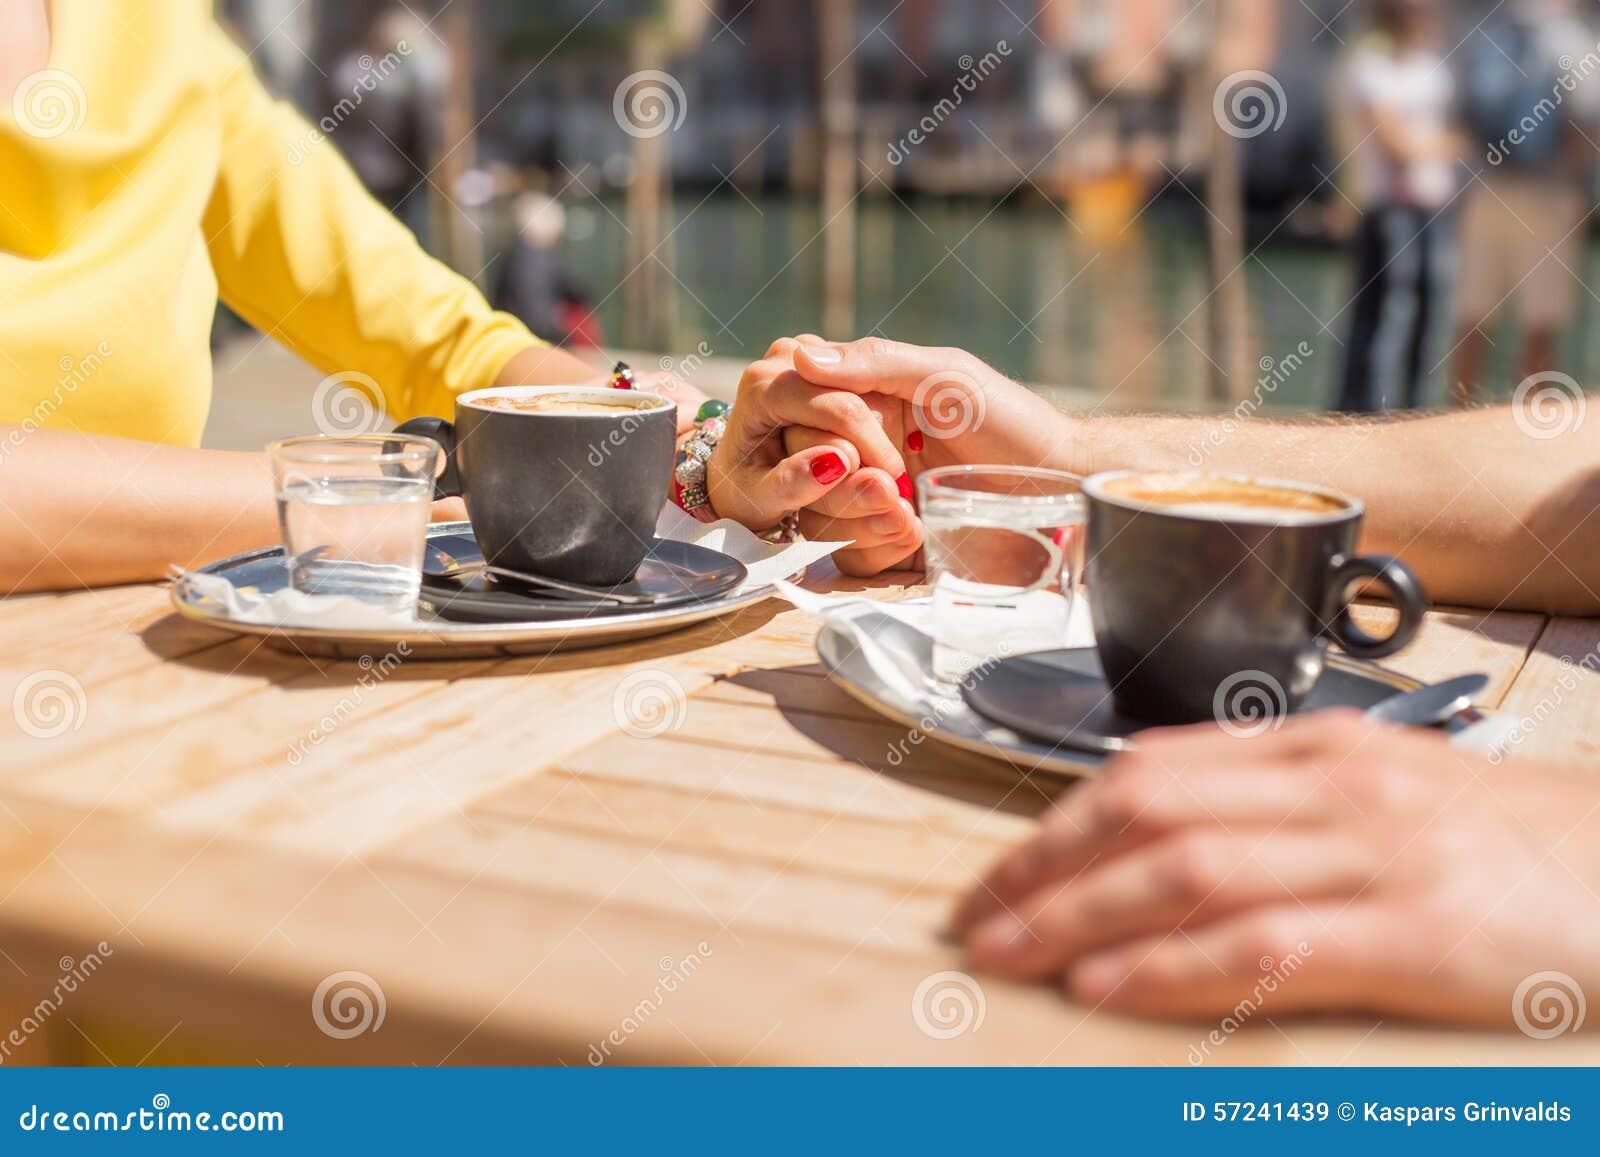 Junte llevar a cabo las manos y la consumición del café en café al aire libre